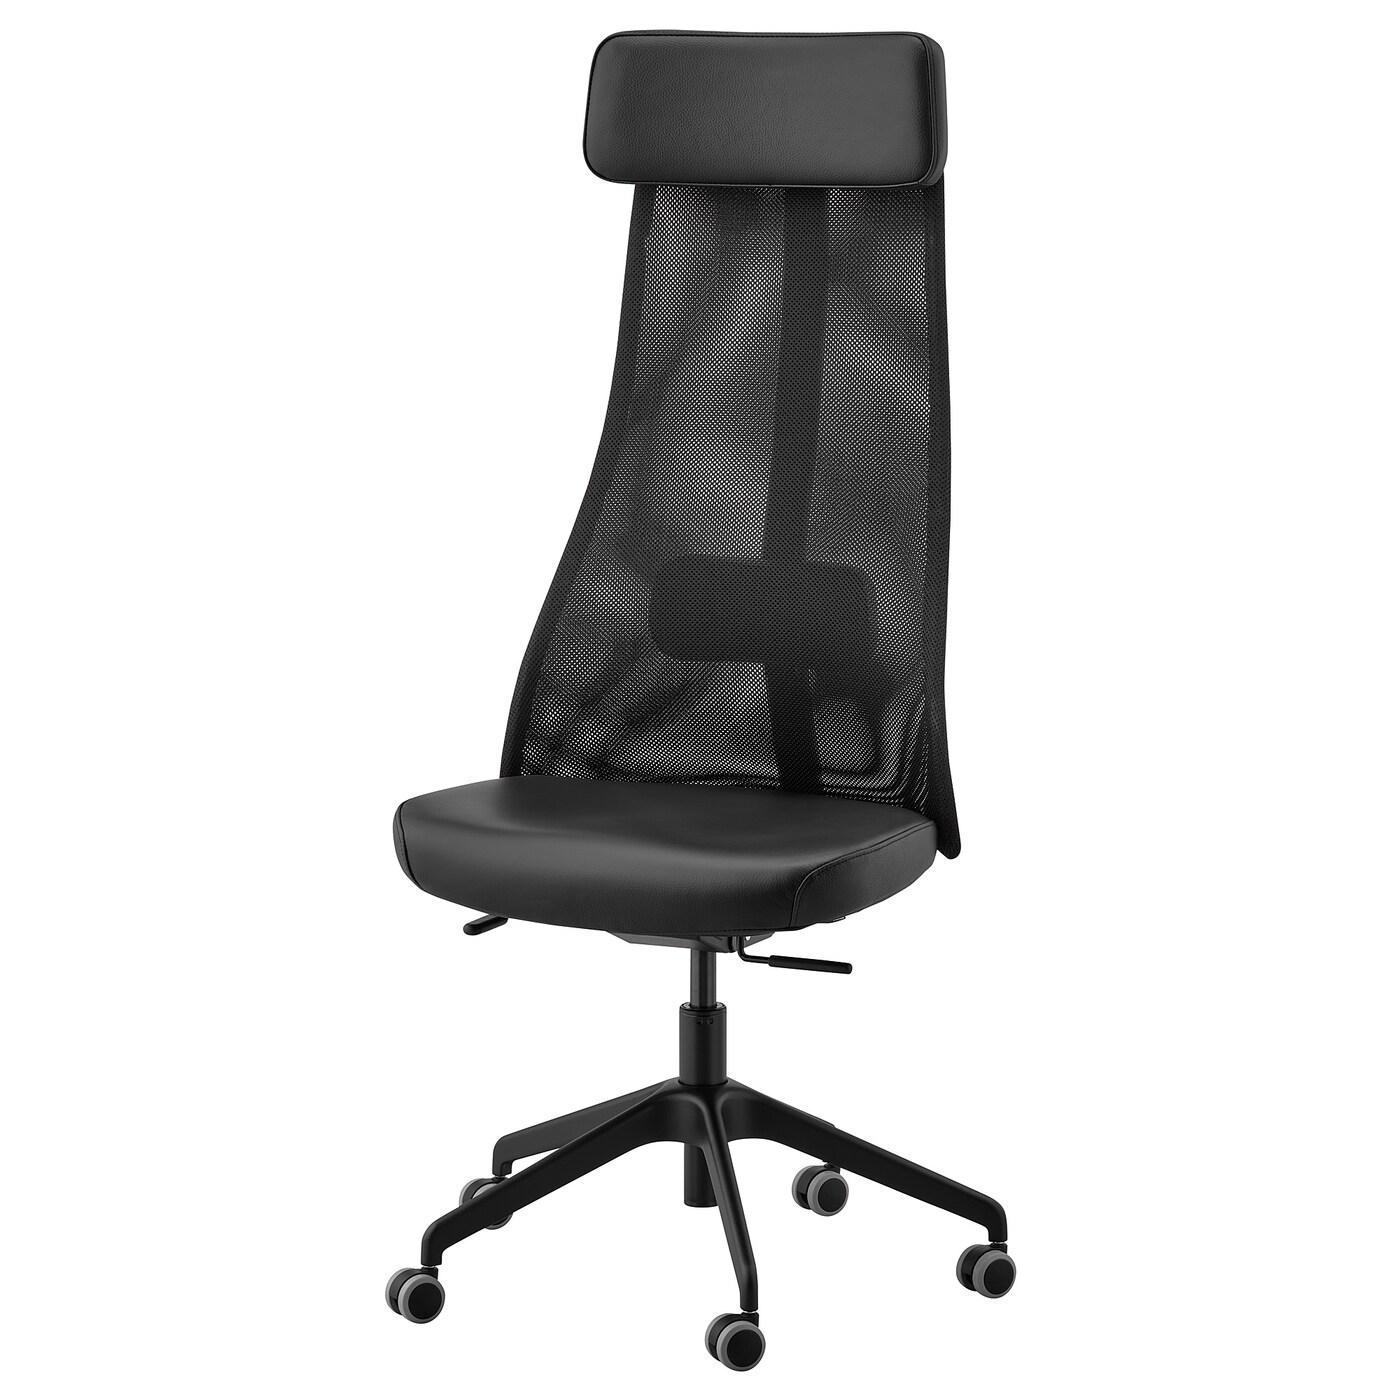 JÄRVFJÄLLET Chaise de bureau, Glose noir IKEA